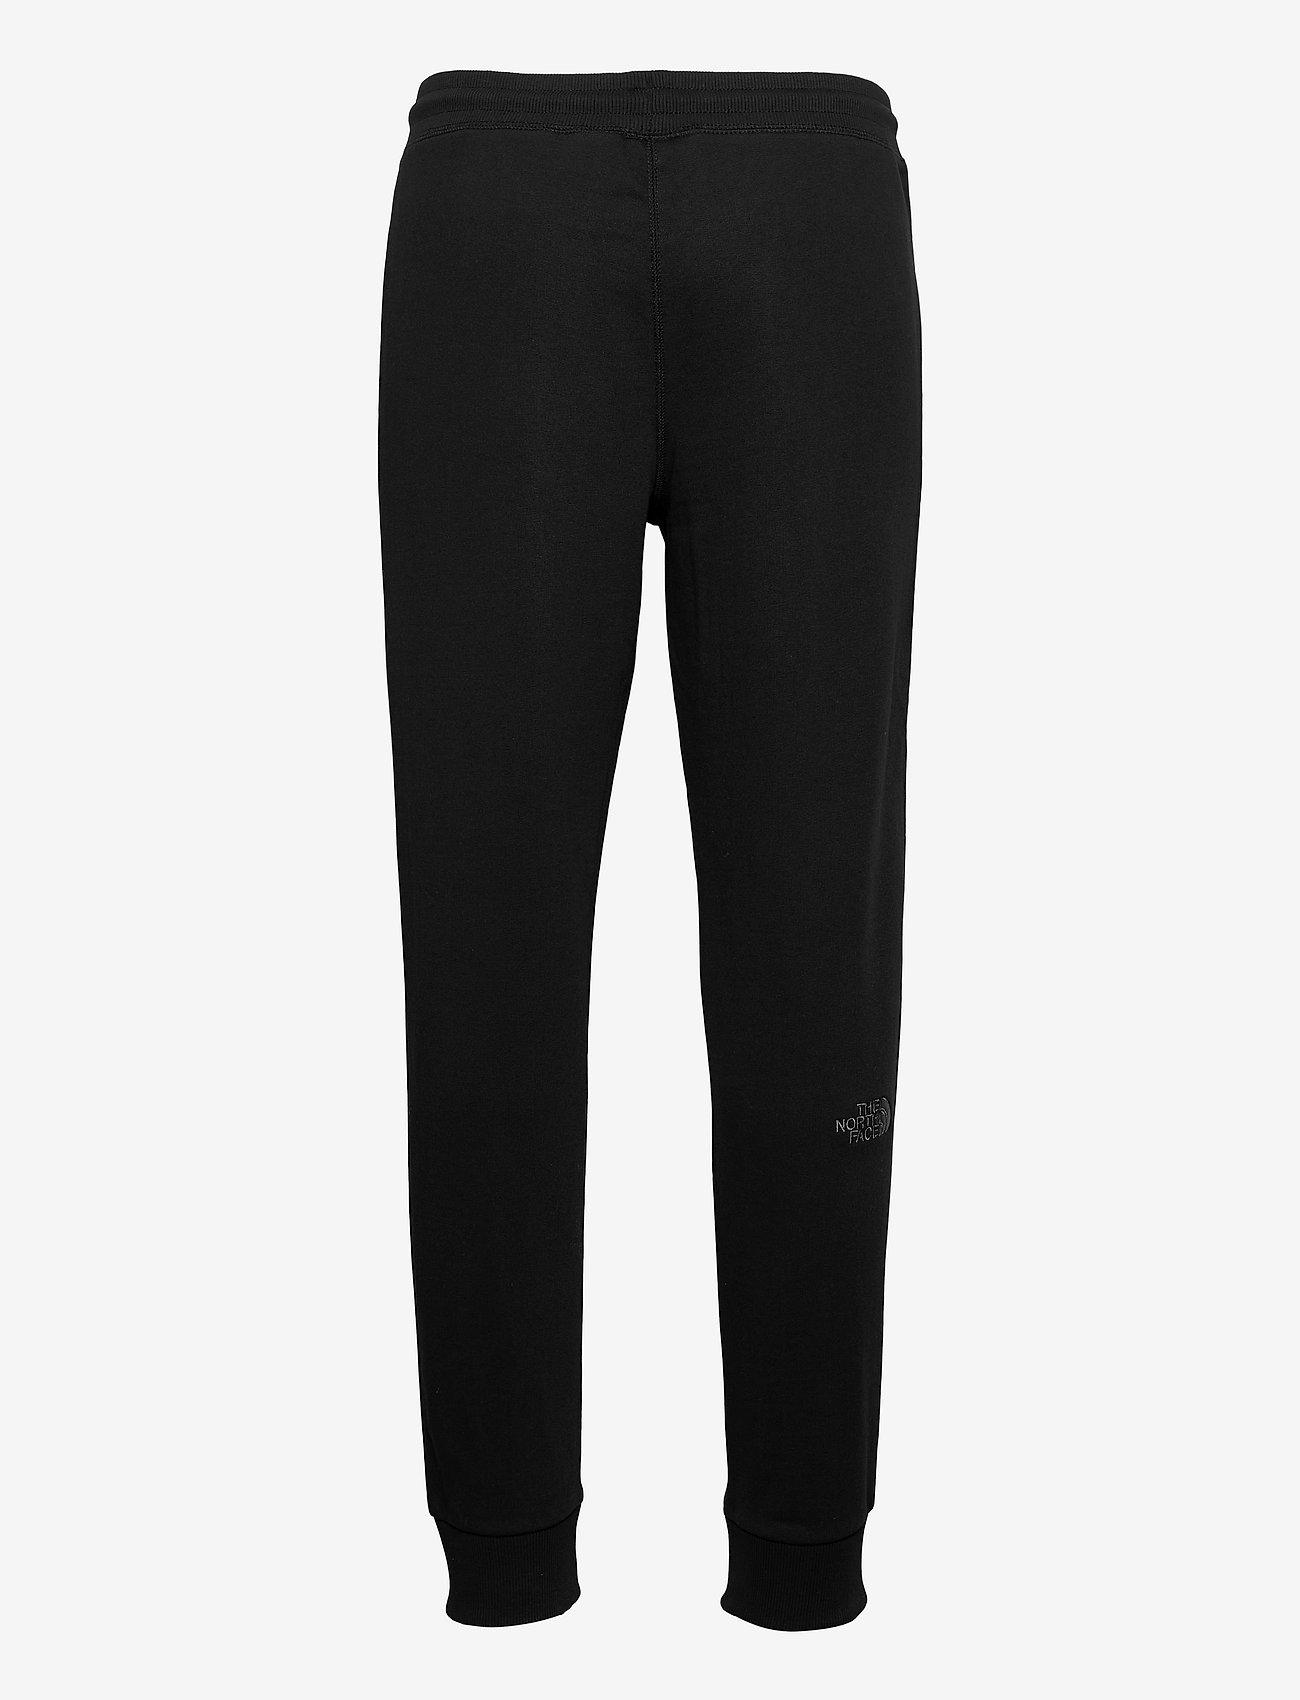 The North Face - M NSE LIGHT PANT - pantalons - tnf black - 1